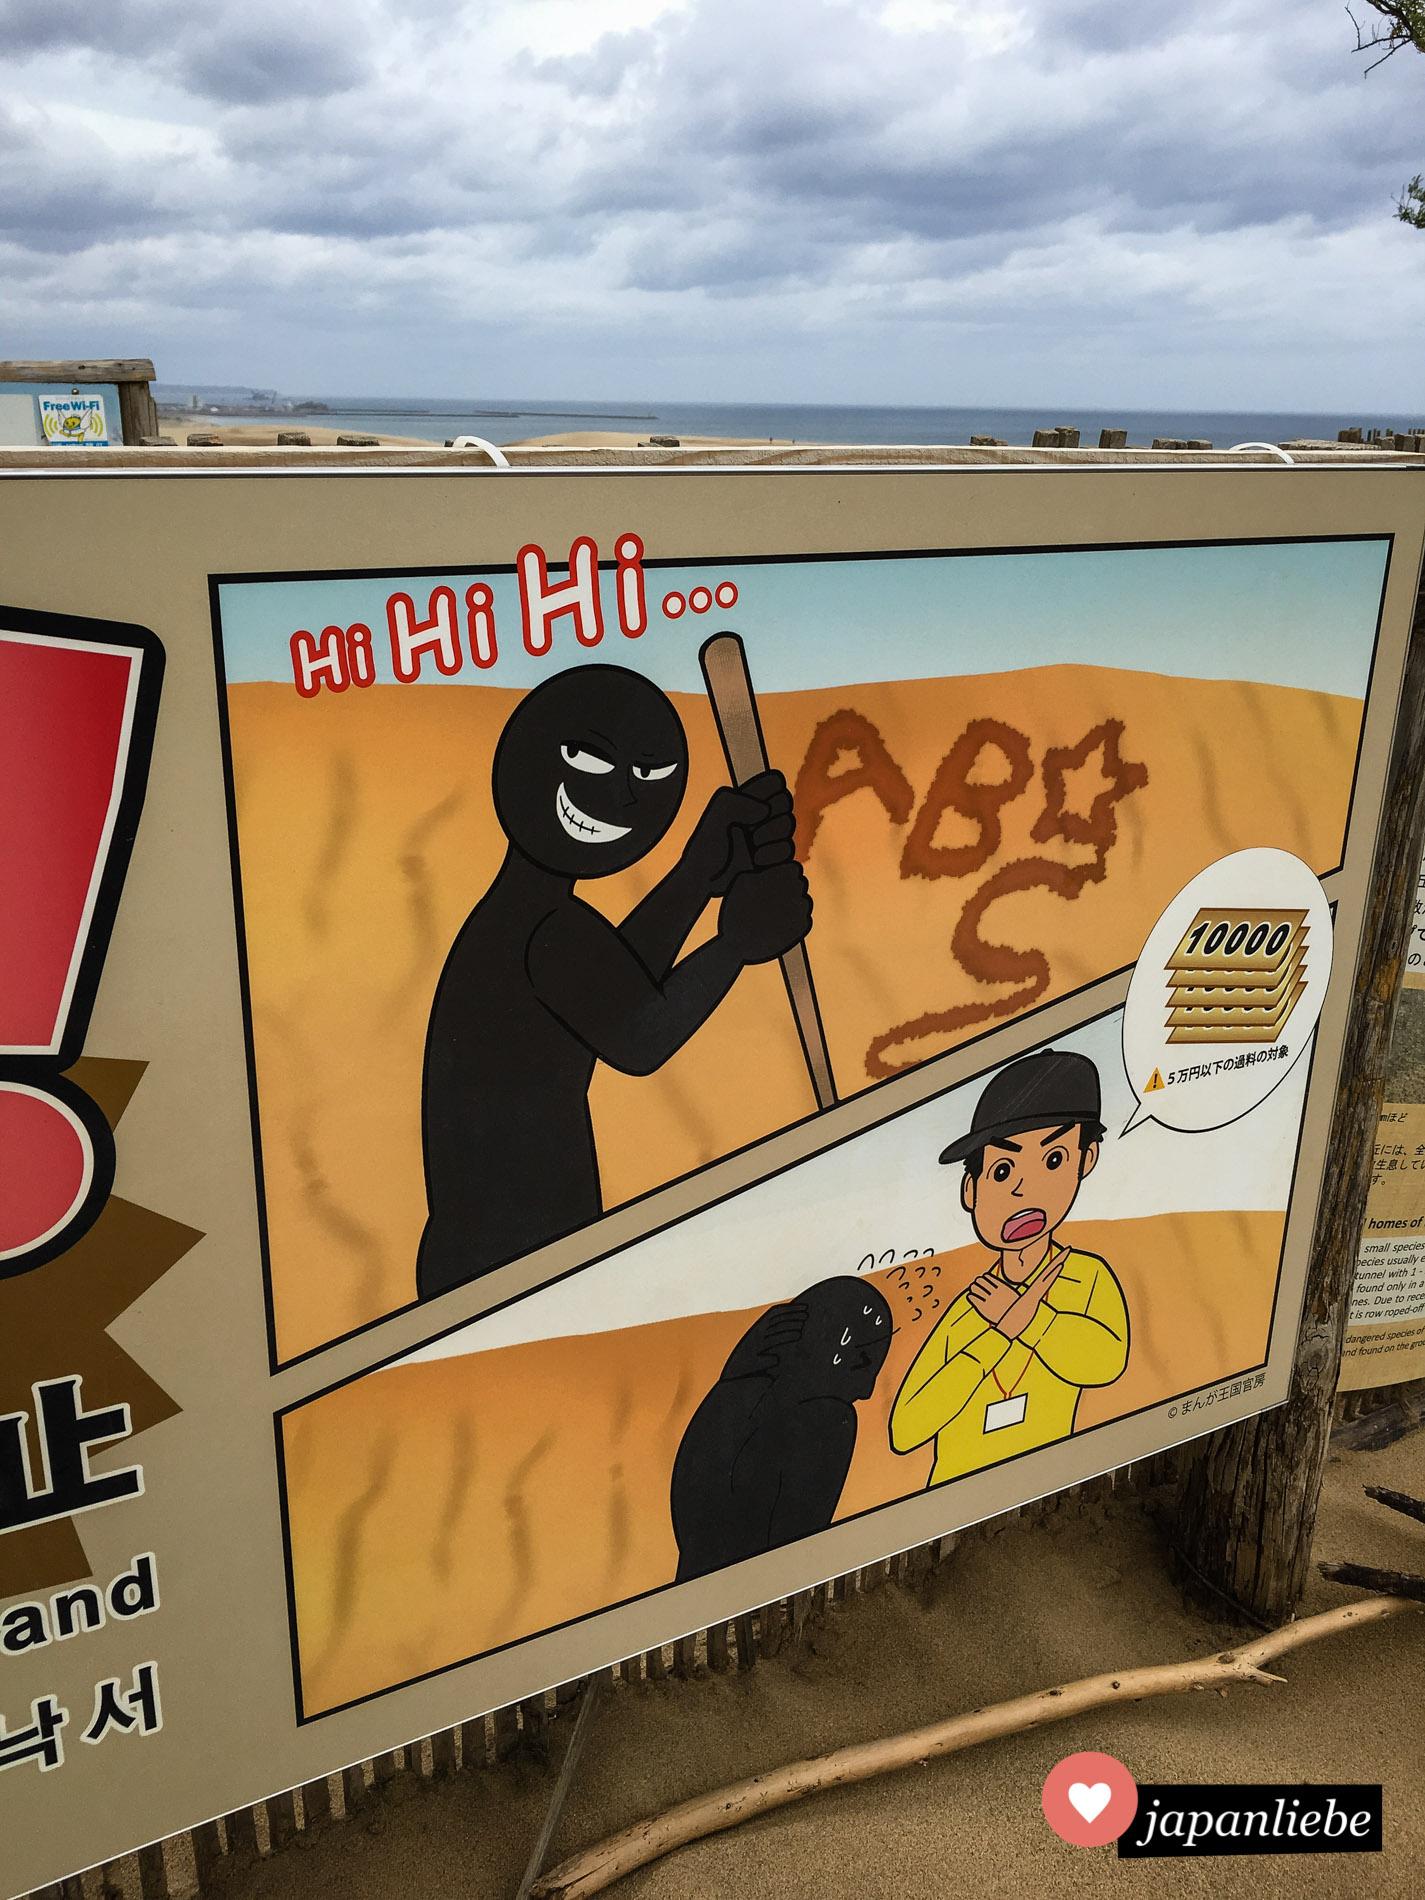 Dieses Schild an den Sanddünen von Tottori vermittelt den Eindruck, dass mit einem Holzstab Buchstaben in den Sand ritzen, was das Kriminalitätslevel angeht, einem Banküberfall gleich kommt. Niedlich ist es dabei trotzdem.